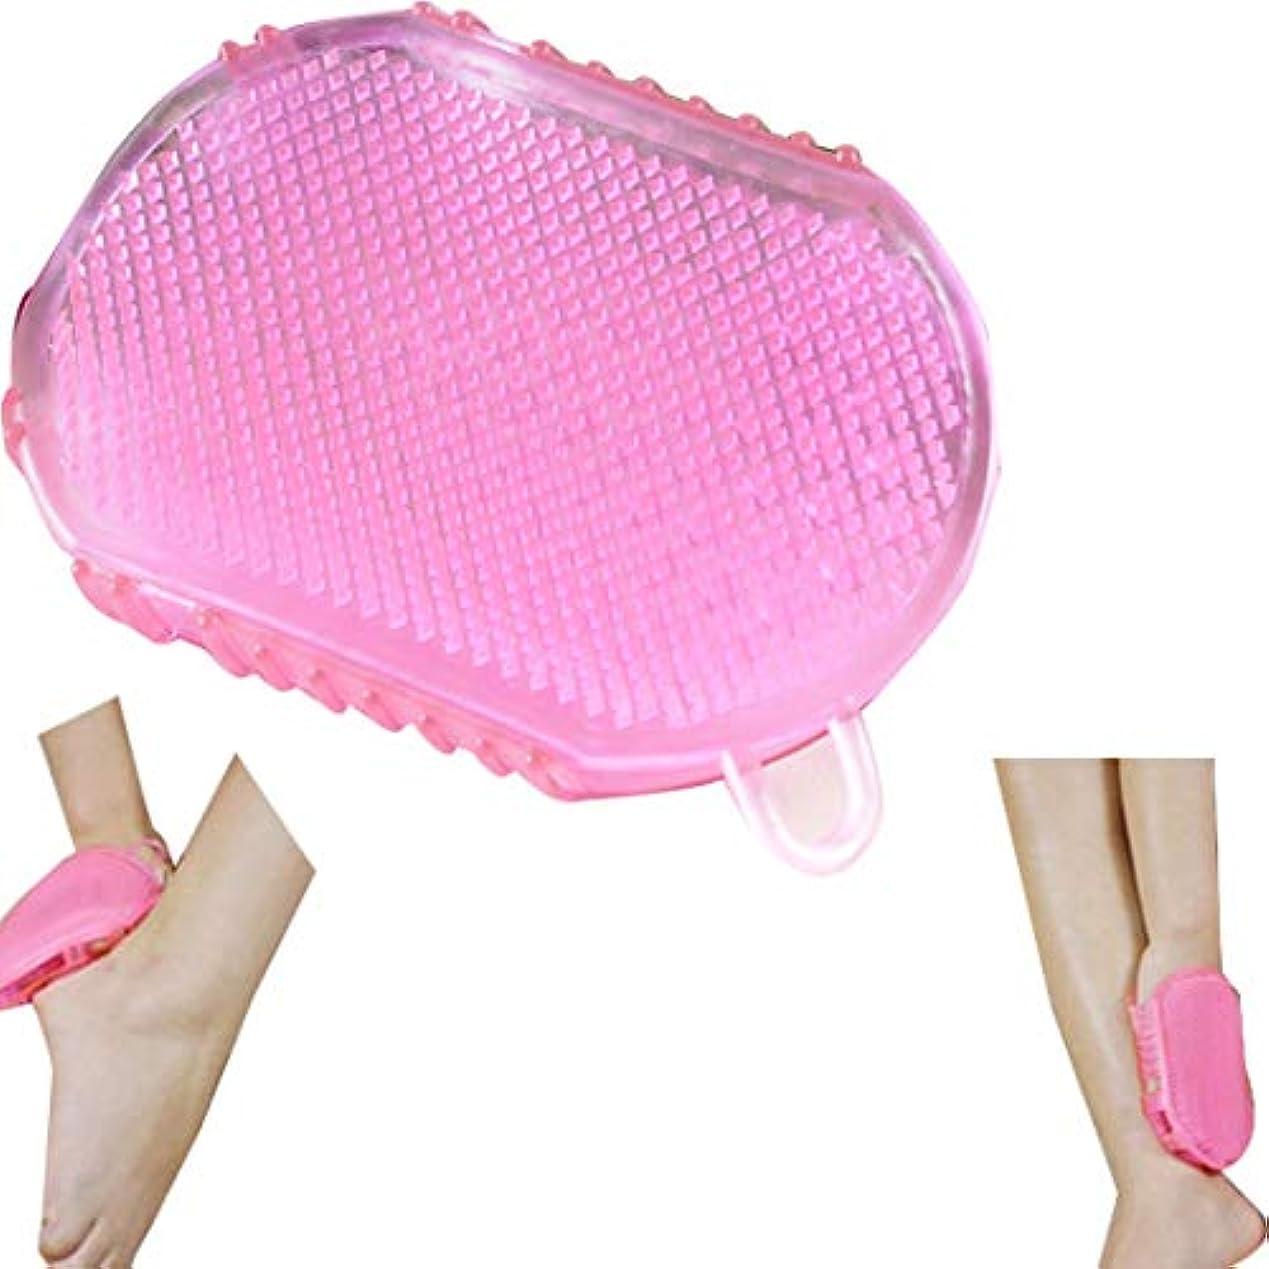 突進分割クラウドTシリコンマッサージフットブラシ/フットグルーマー 足洗い用/バスブラシ、/フットブラシ/汚れ角質除去 ストレス解消